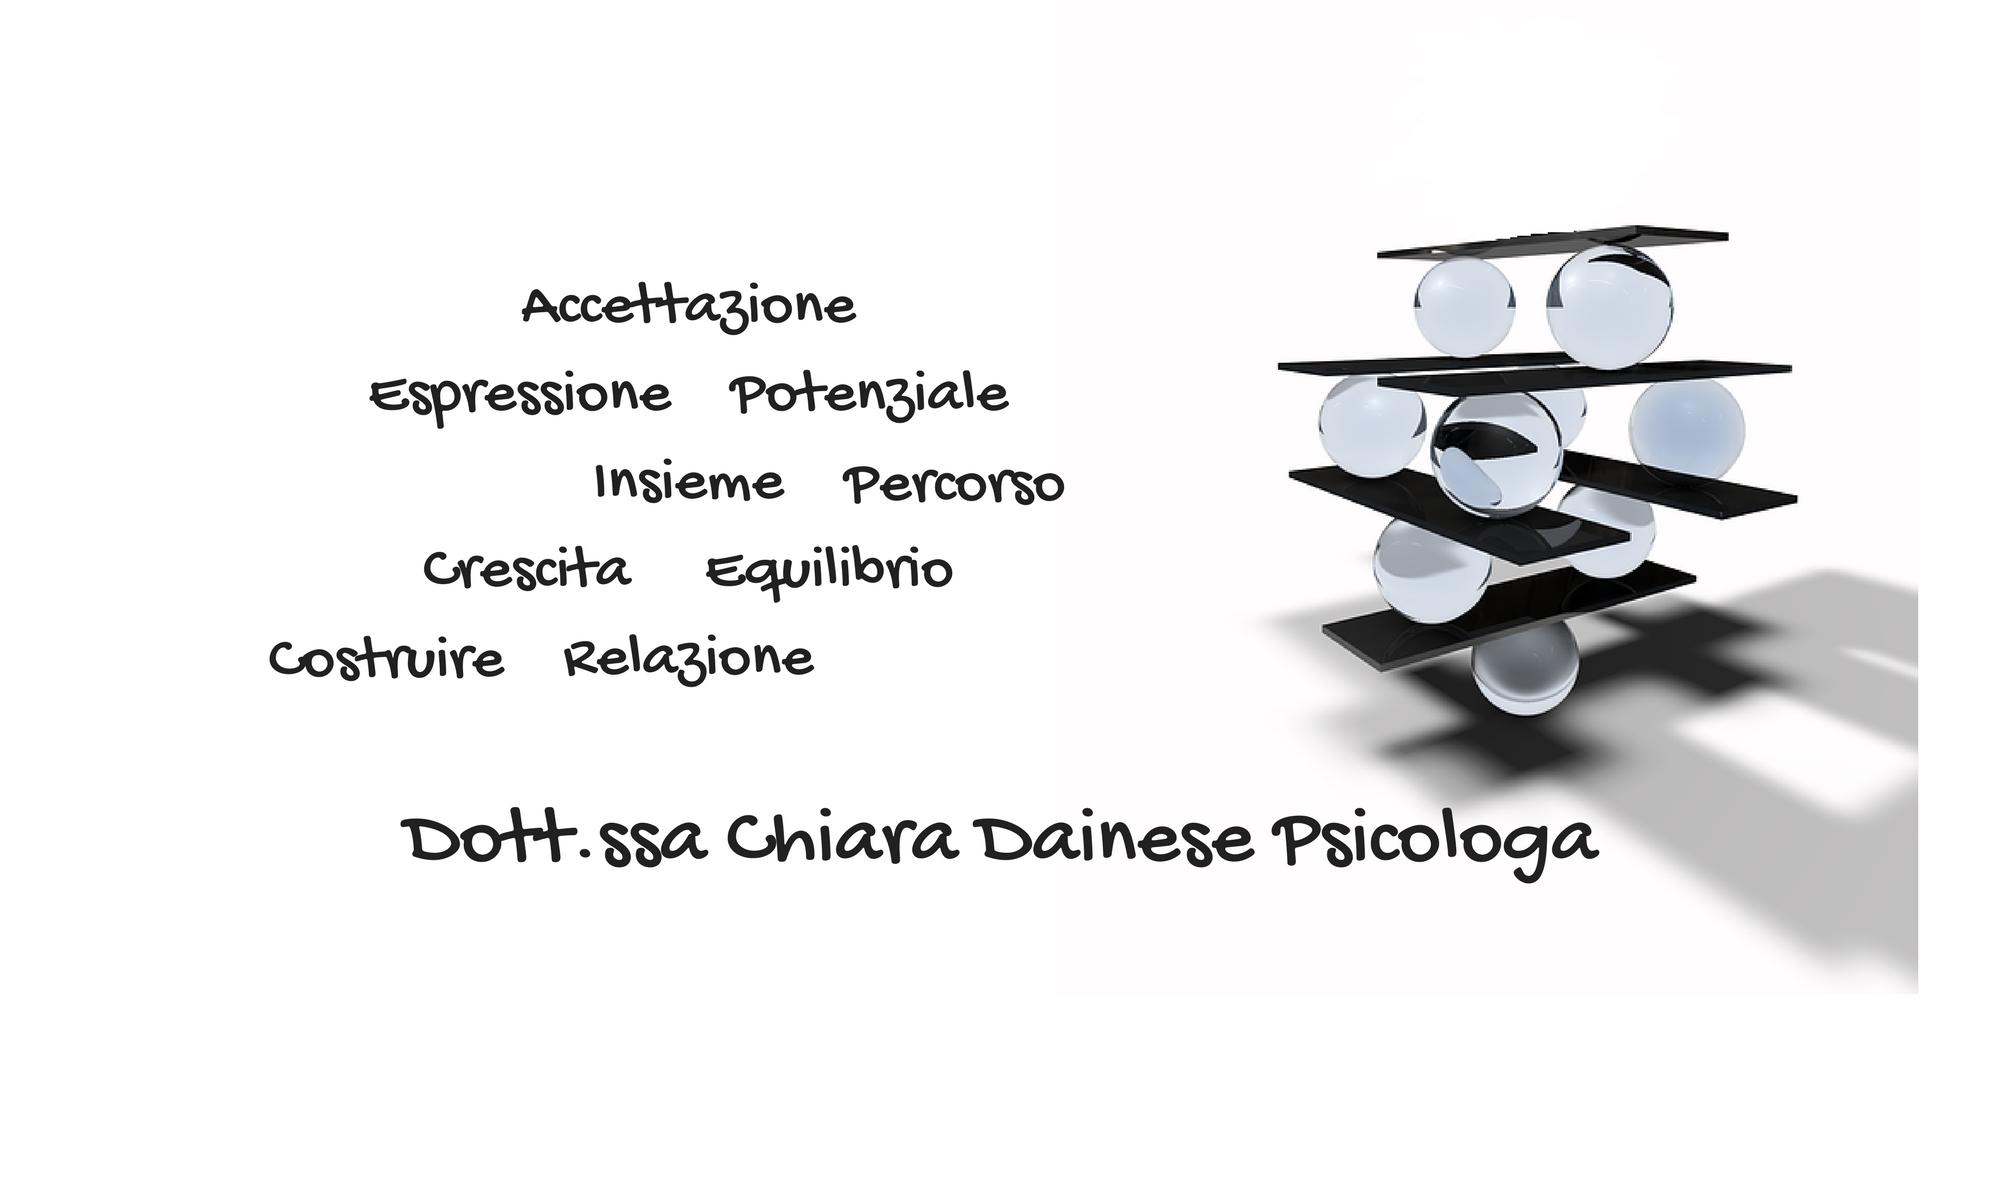 Chiara Dainese